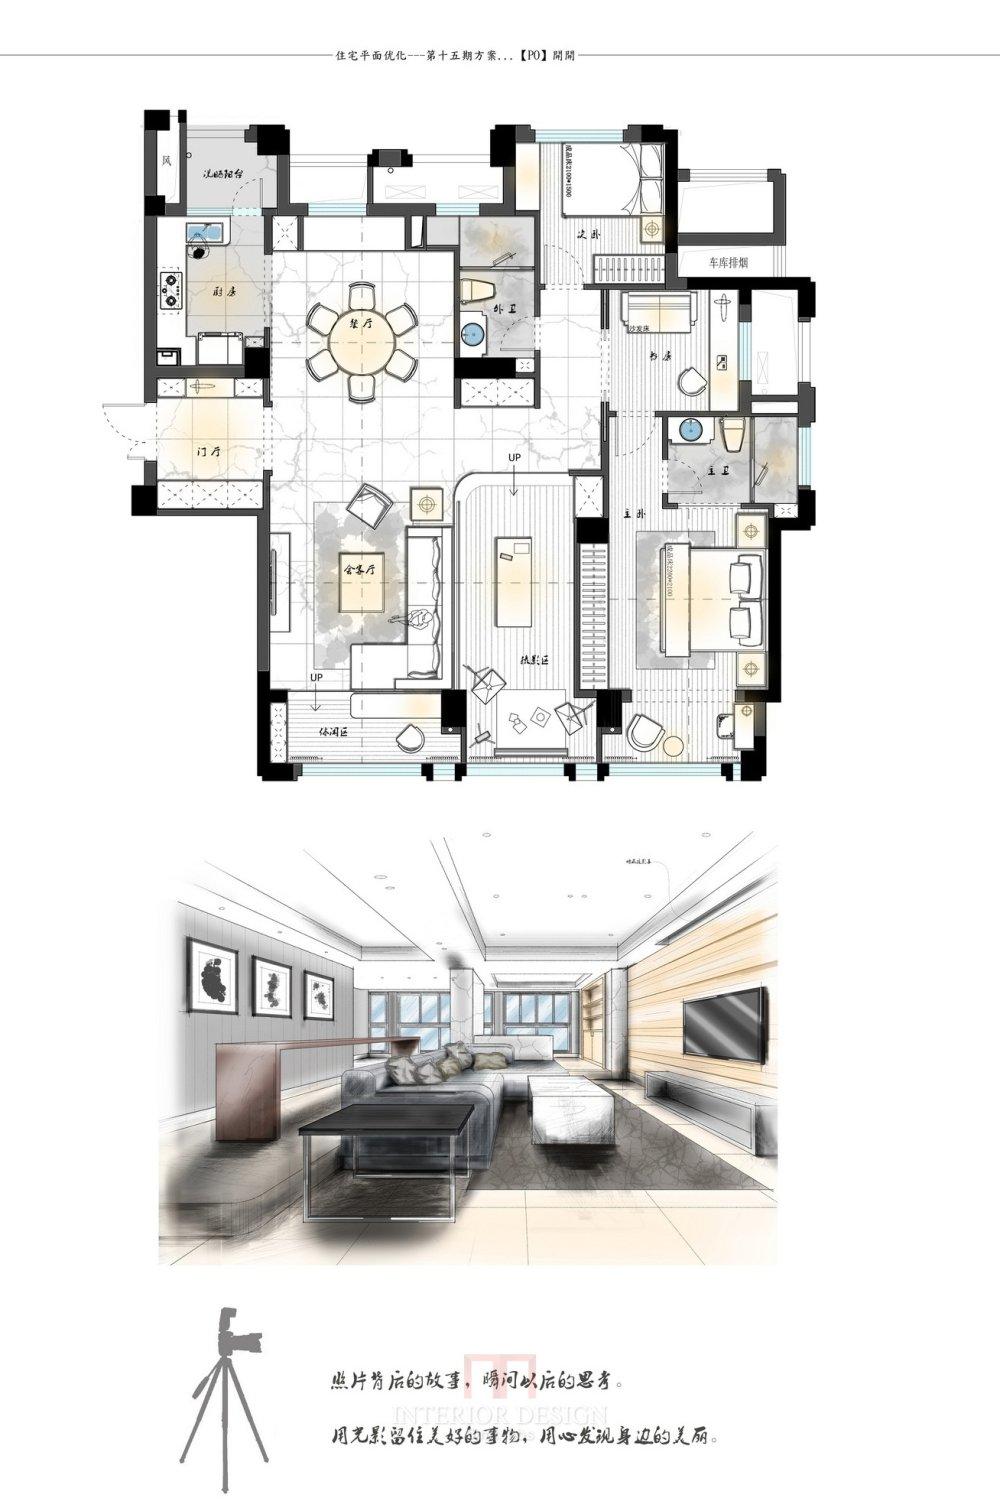 【第15期-住宅平面优化】一个150m²平层16组方案 投票奖励DB_【15】.jpg